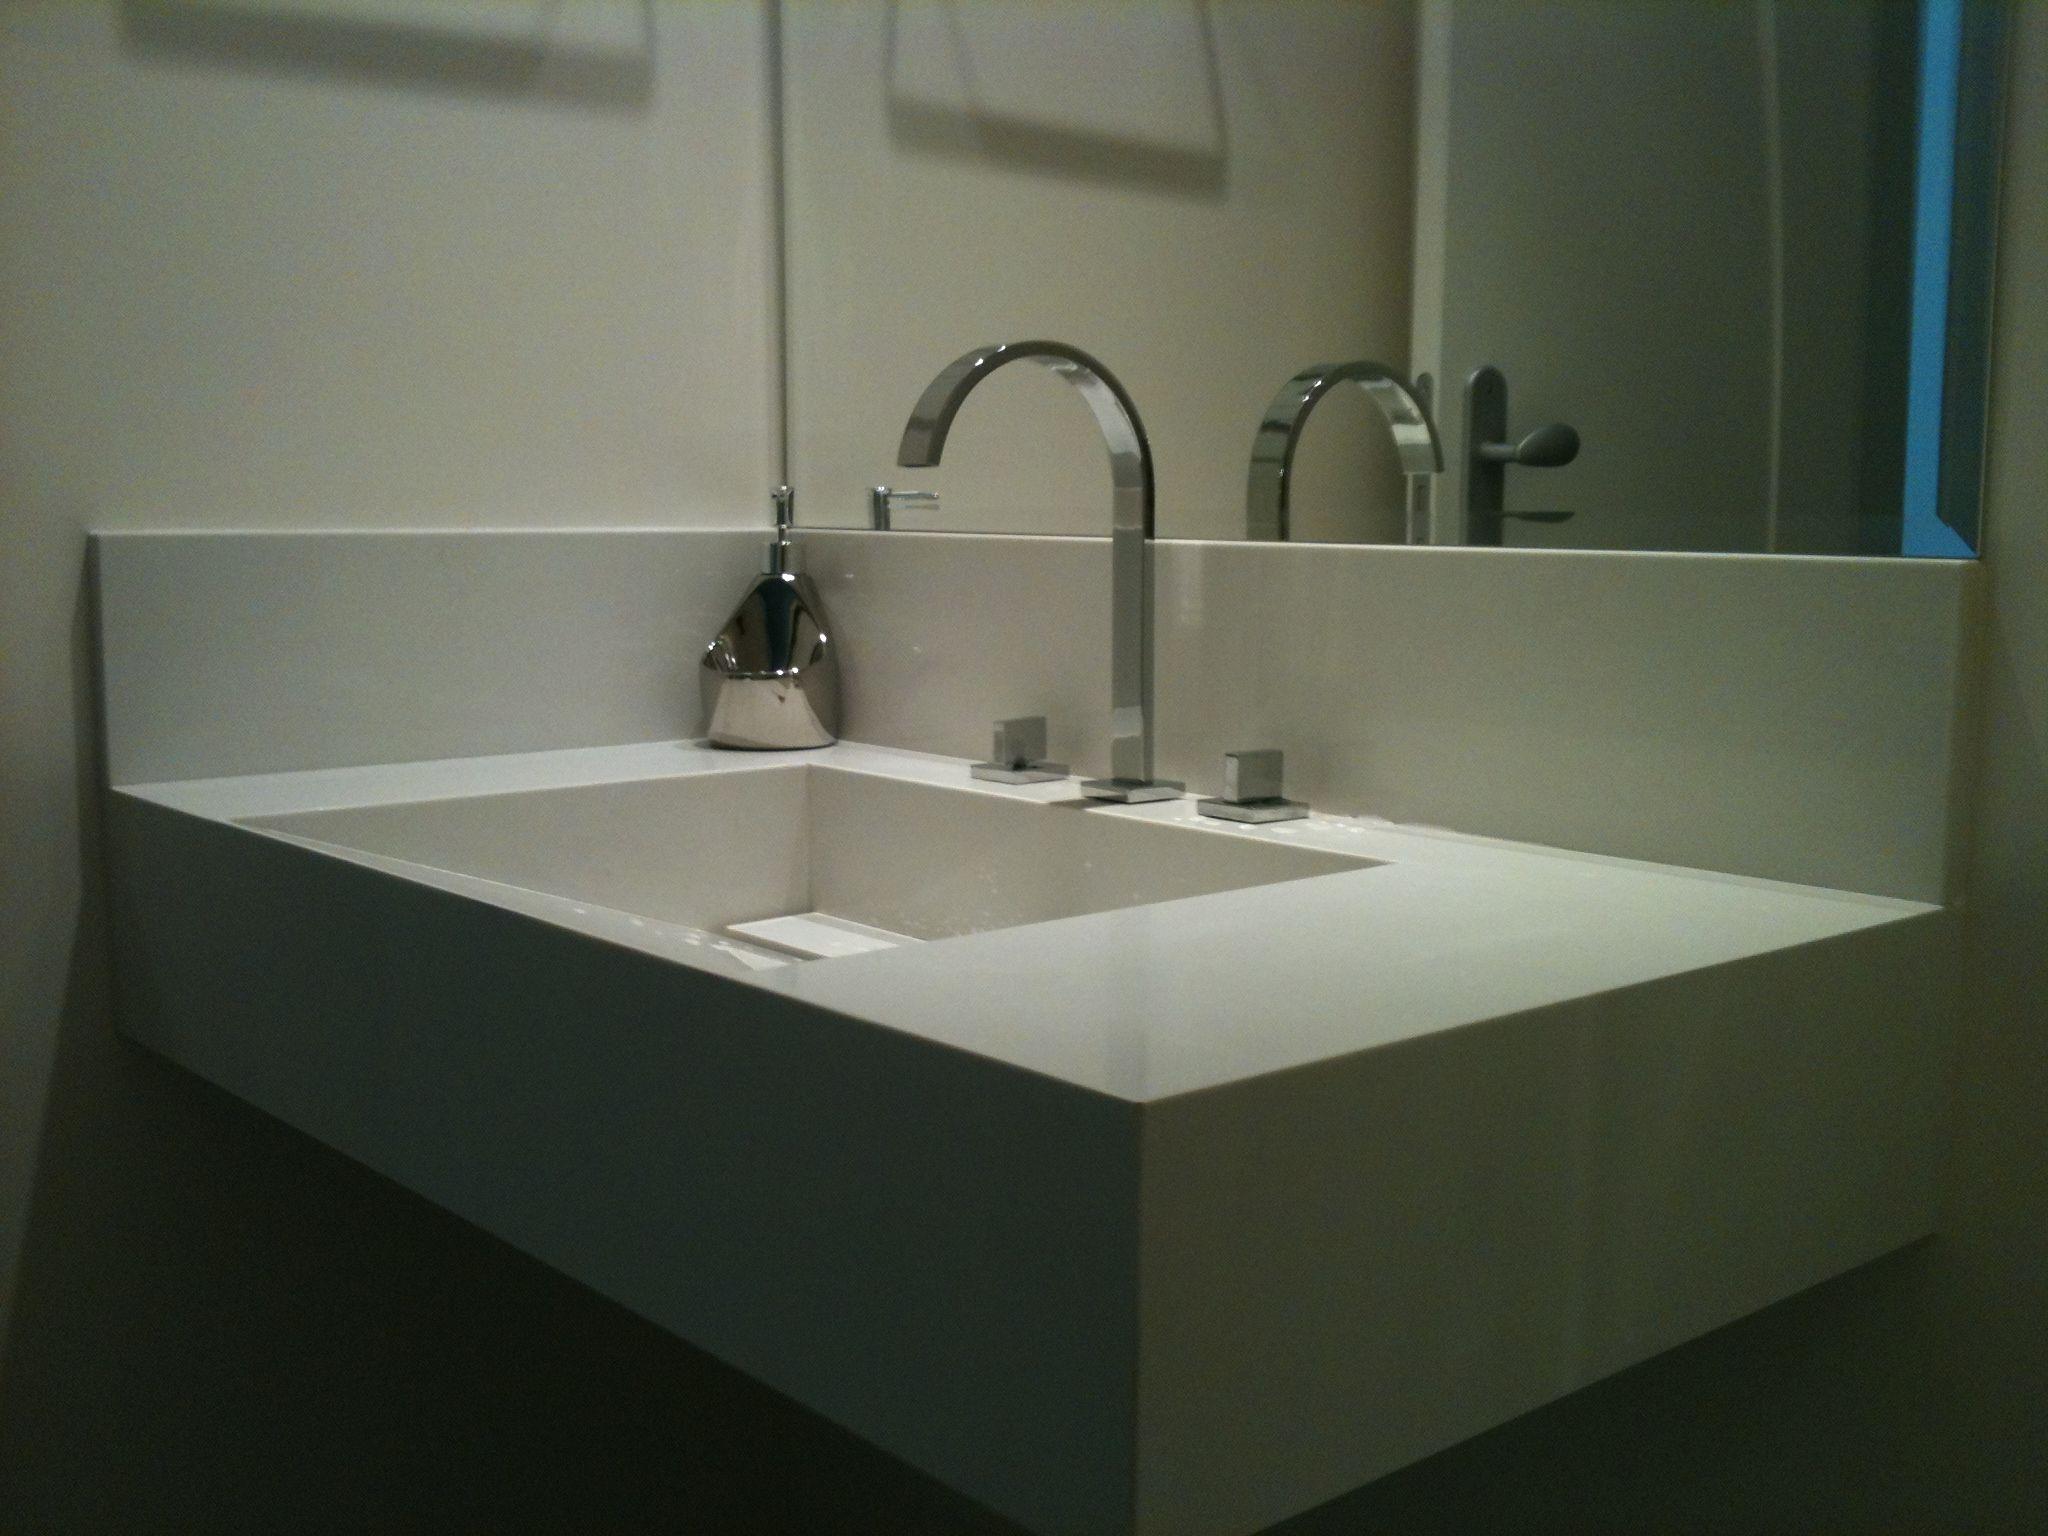 Lavabo com lavatório cuba de pedra em mármore composto Branco Prime  #27647F 2048x1536 Bancada Banheiro Silestone Branco